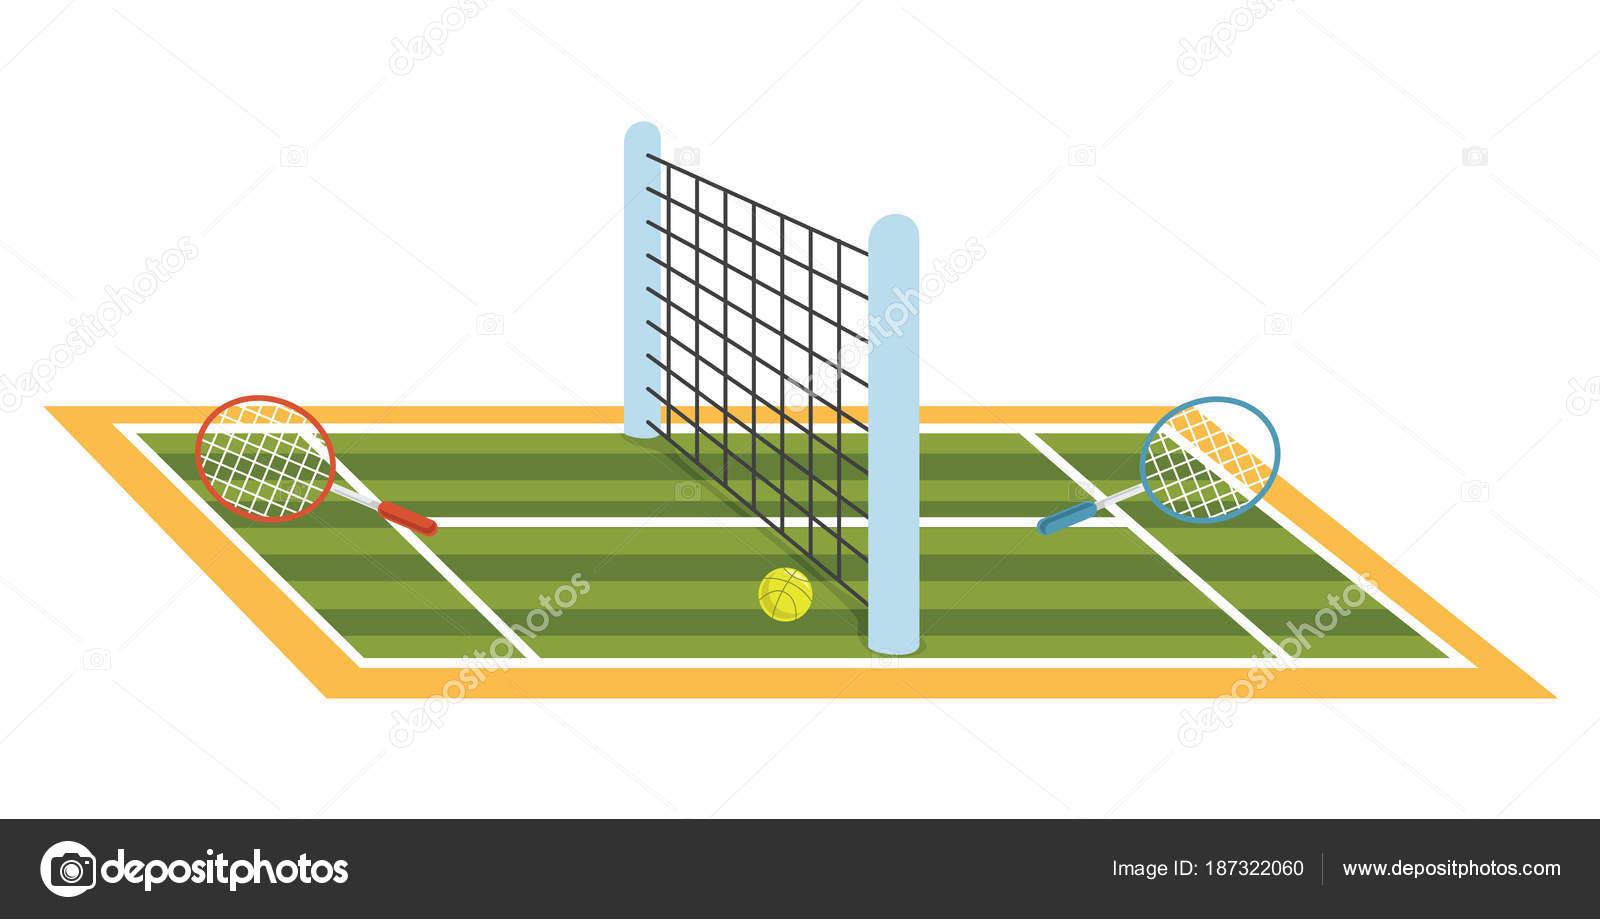 テニスコートのベクトル イラスト ストックベクター Yusufdemirci